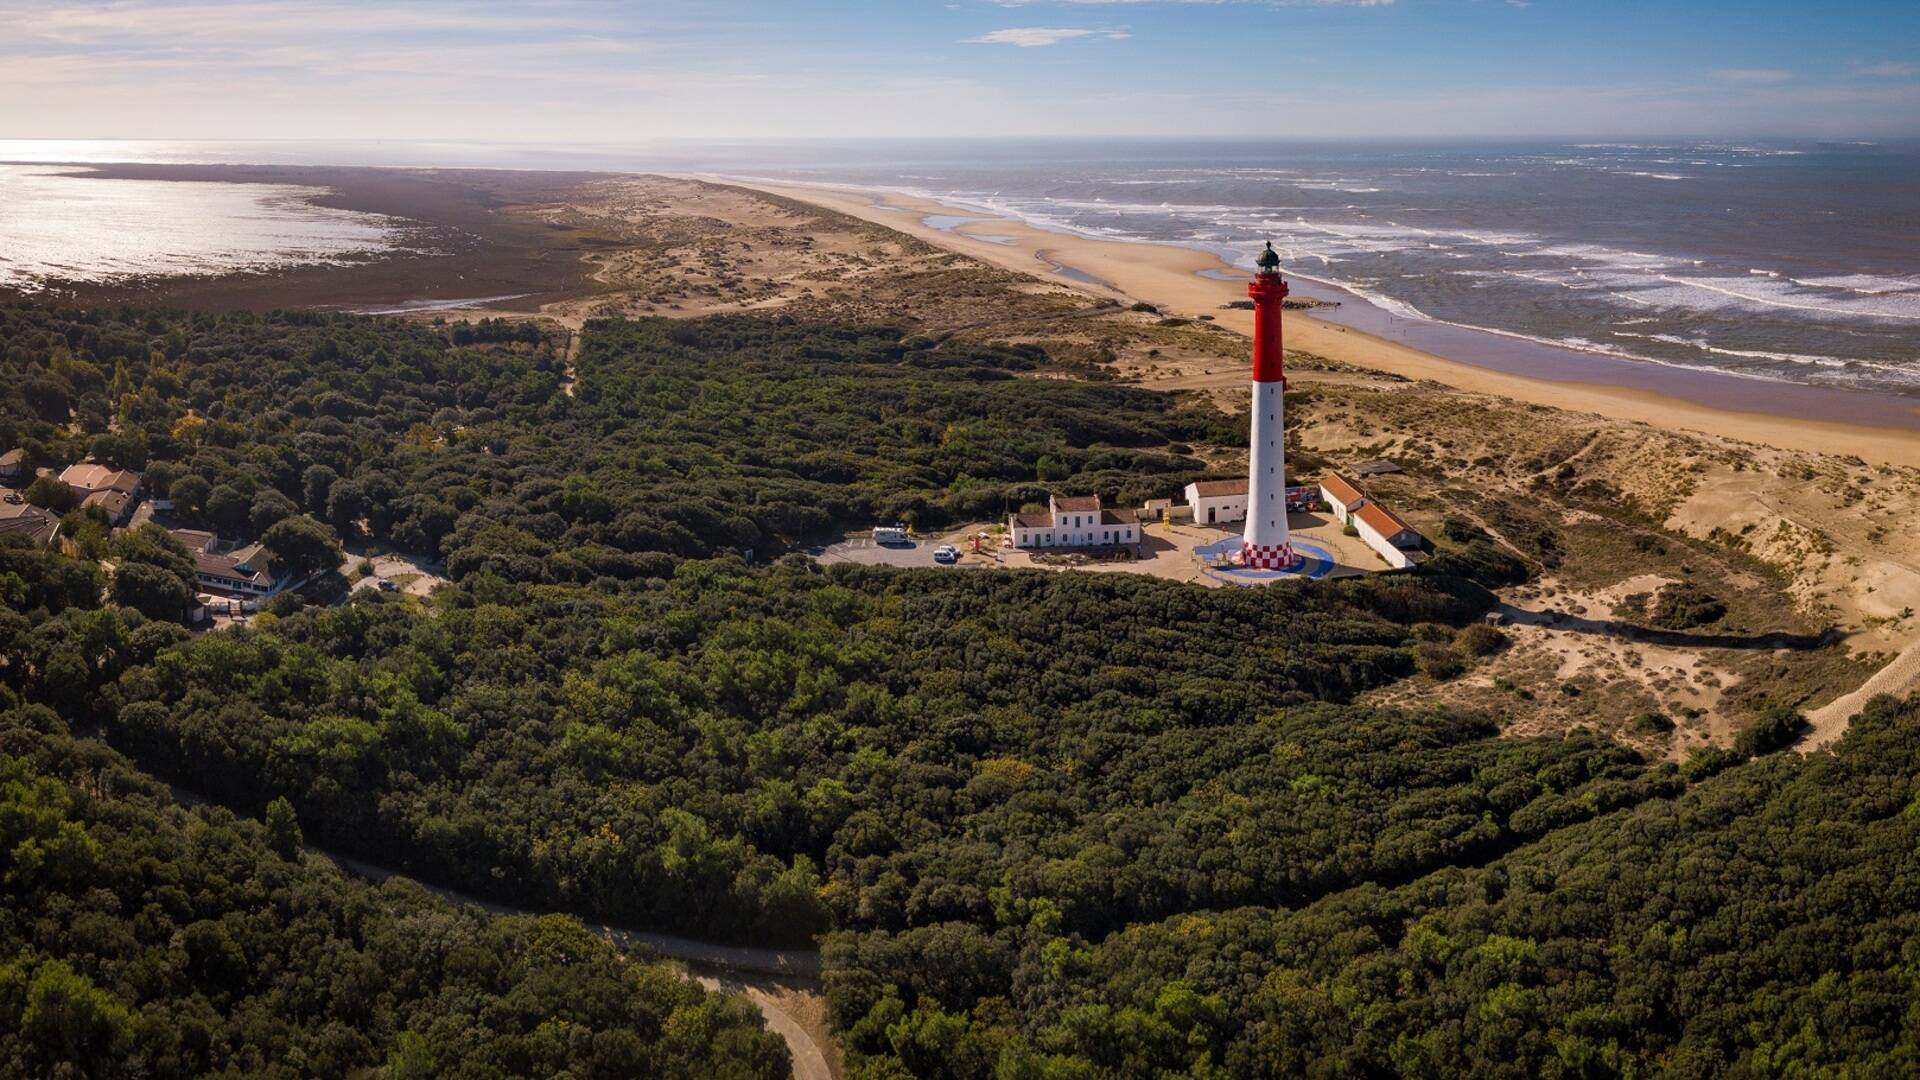 Vue aérienne du phare de la Coubre - ©Shutterstock